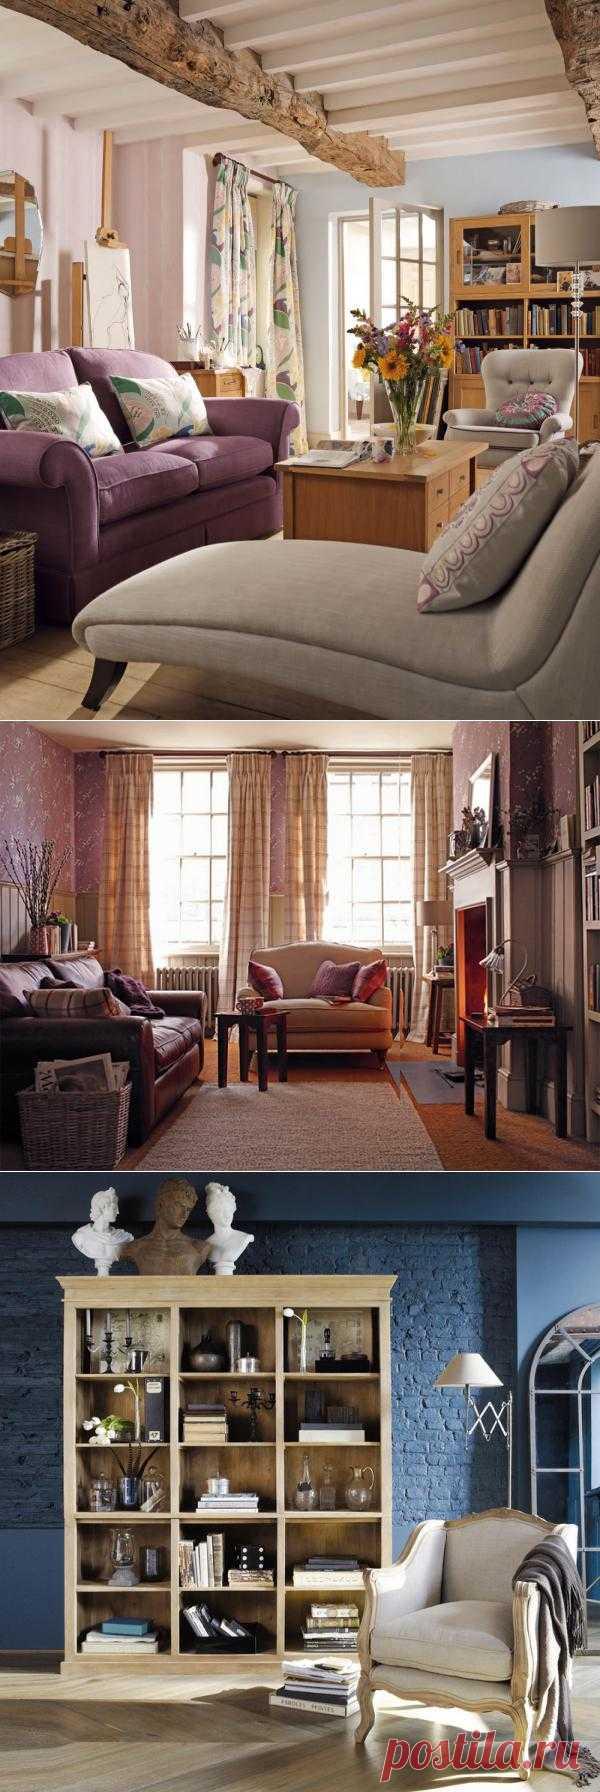 Исторически, камин - обязательный атрибут гостиной в английском стиле, на протяжении веков камину отводилось центральное место в гостиных загородных особняков и замков. Вокруг камина распологаются удобные столики, мягкая мебель, шерстяные ковры на полу.